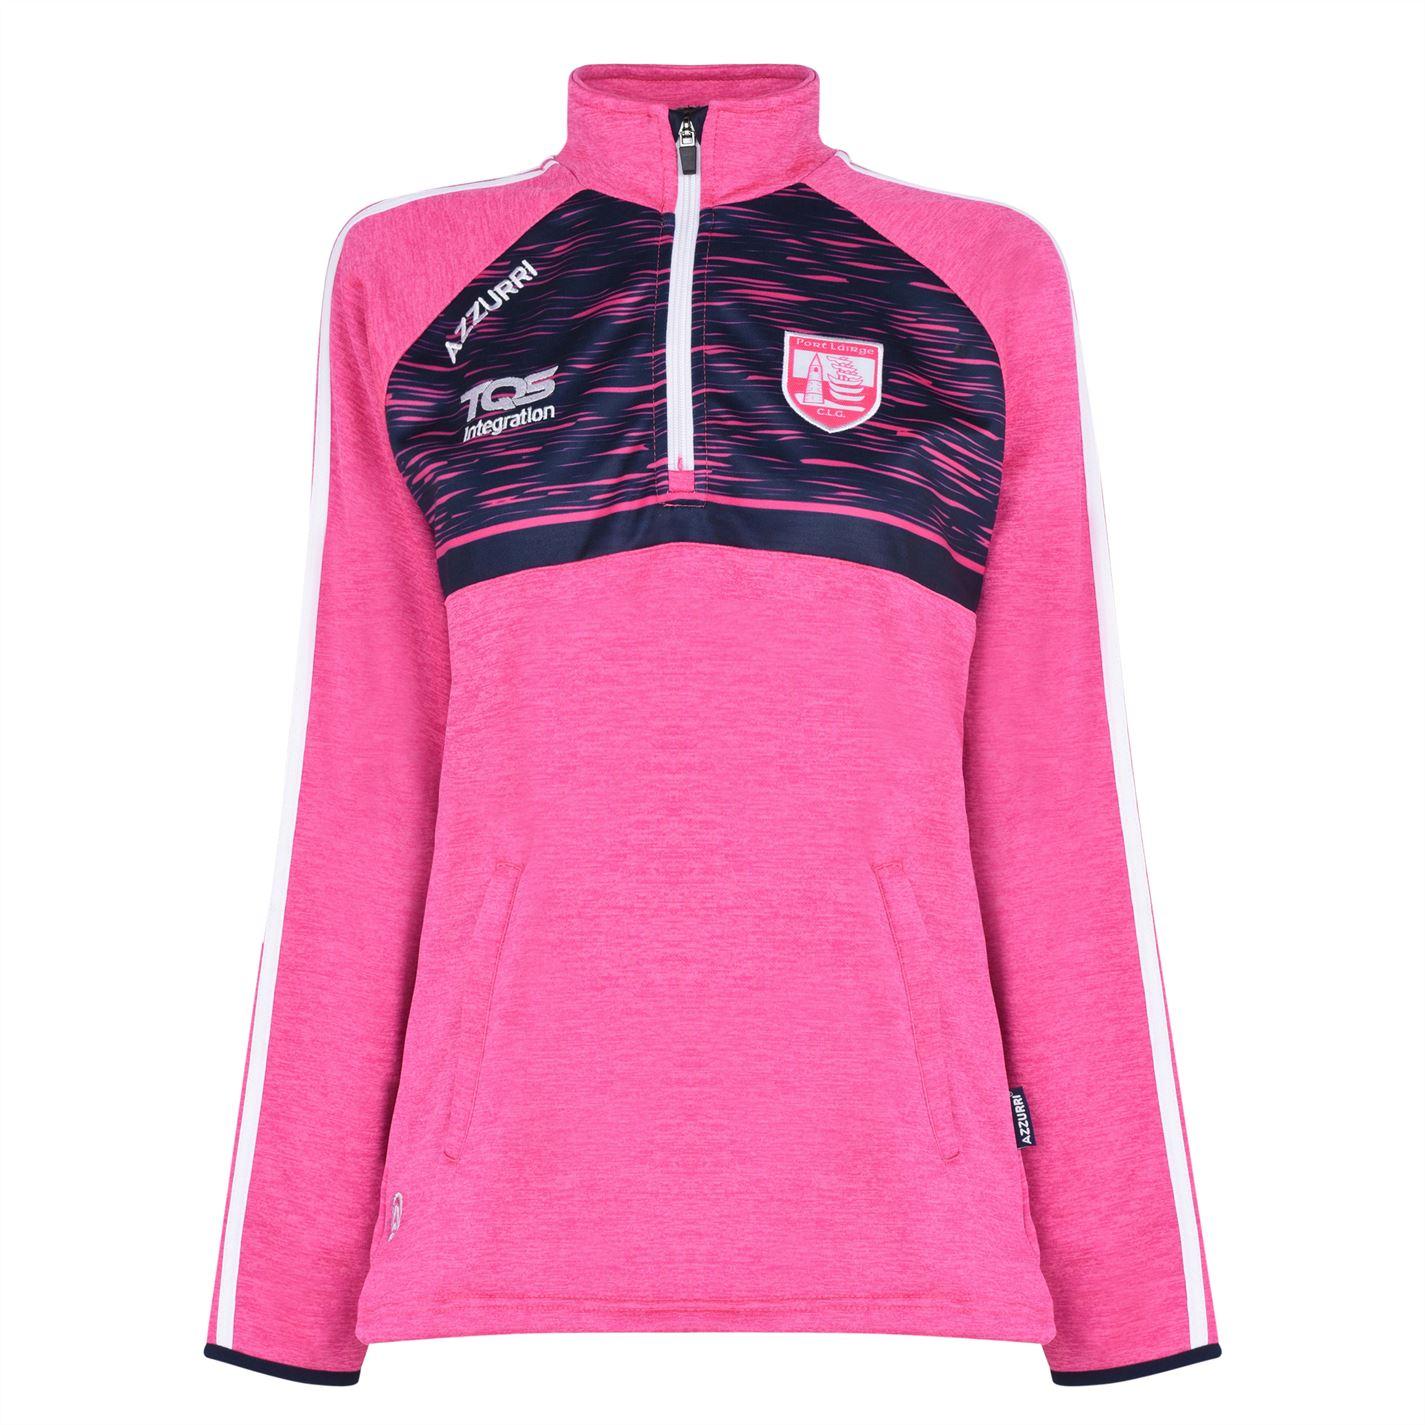 Mergi la Azzurri Waterford cu fermoar pentru Femei roz bleumarin alb